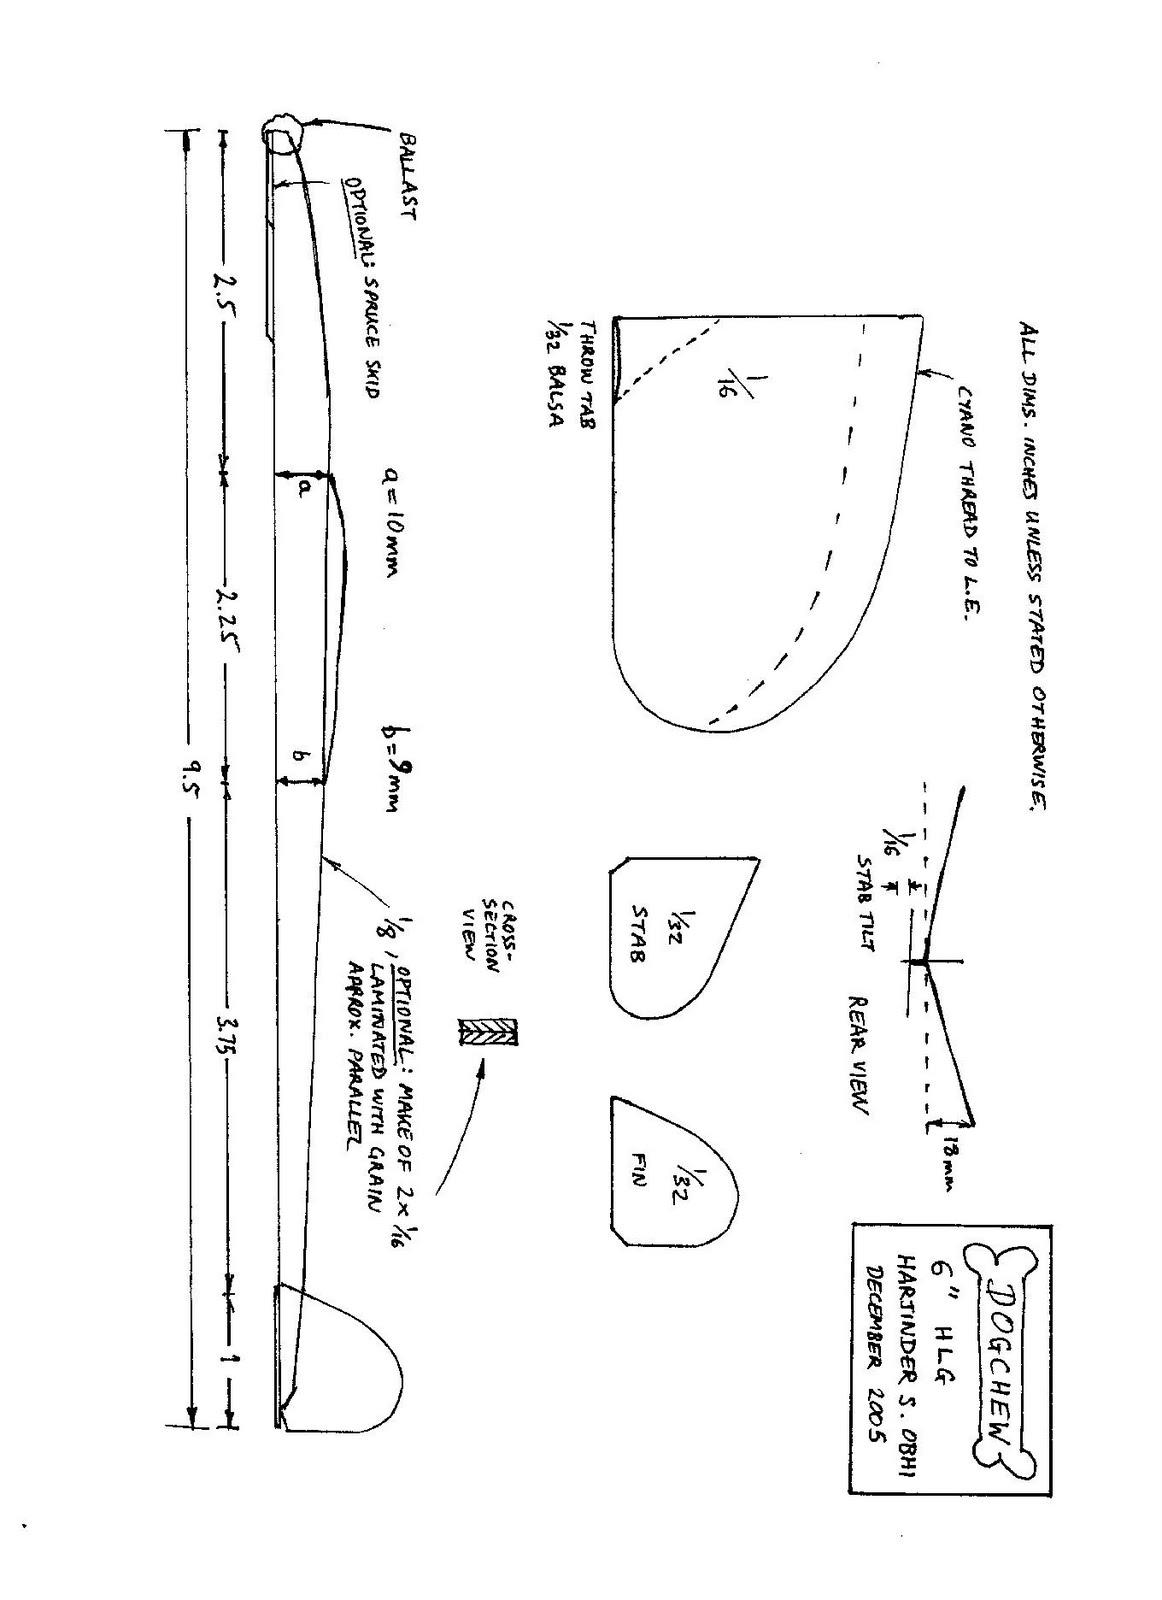 Chuck Glider S Model Aircraft Jotter July